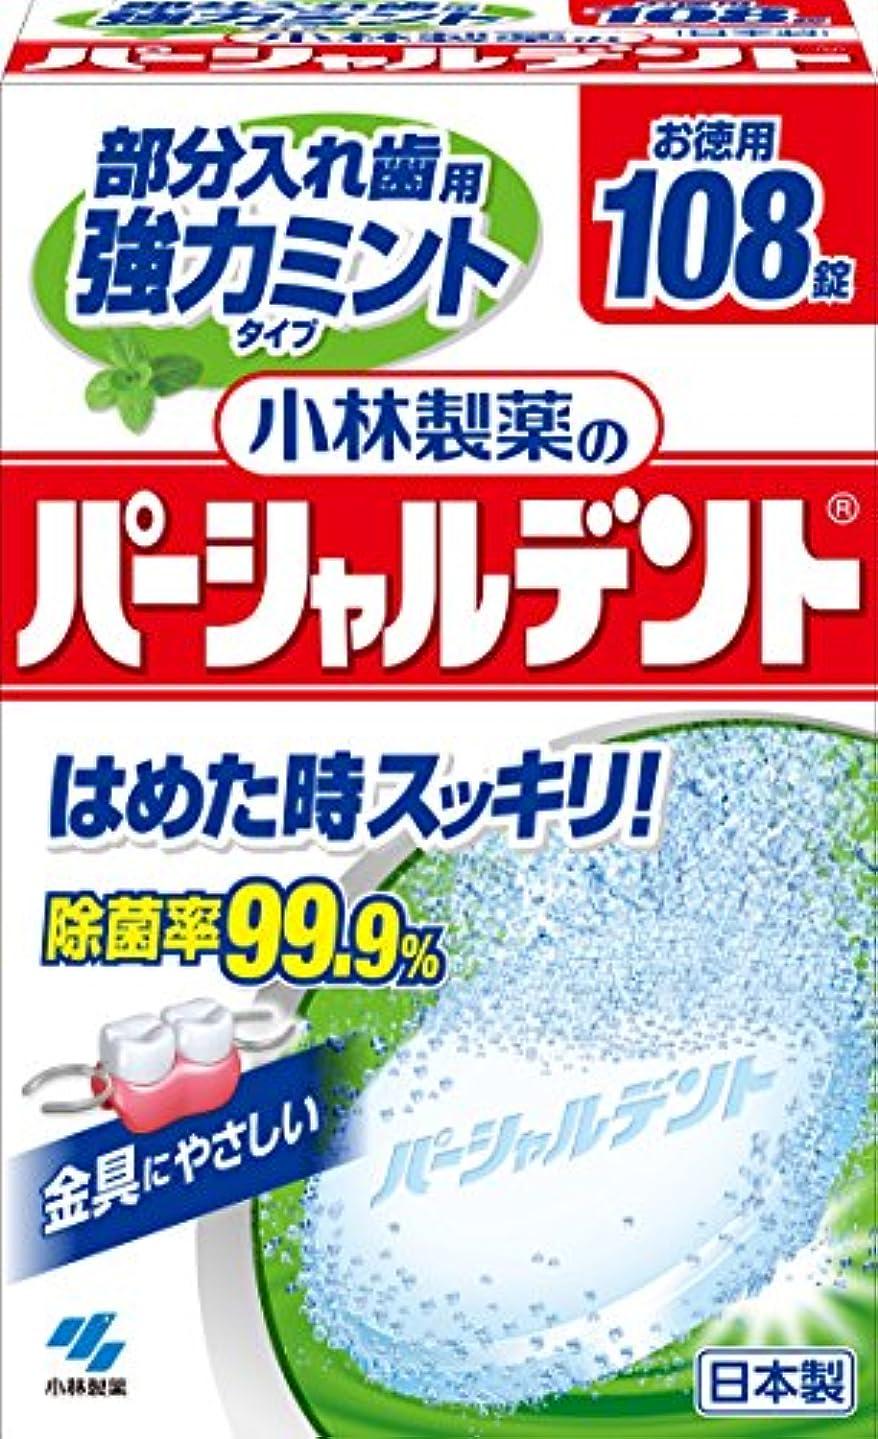 ドロップアクセス持っている小林製薬のパーシャルデント強力ミント 部分入れ歯用 洗浄剤 ミントの香り 108錠